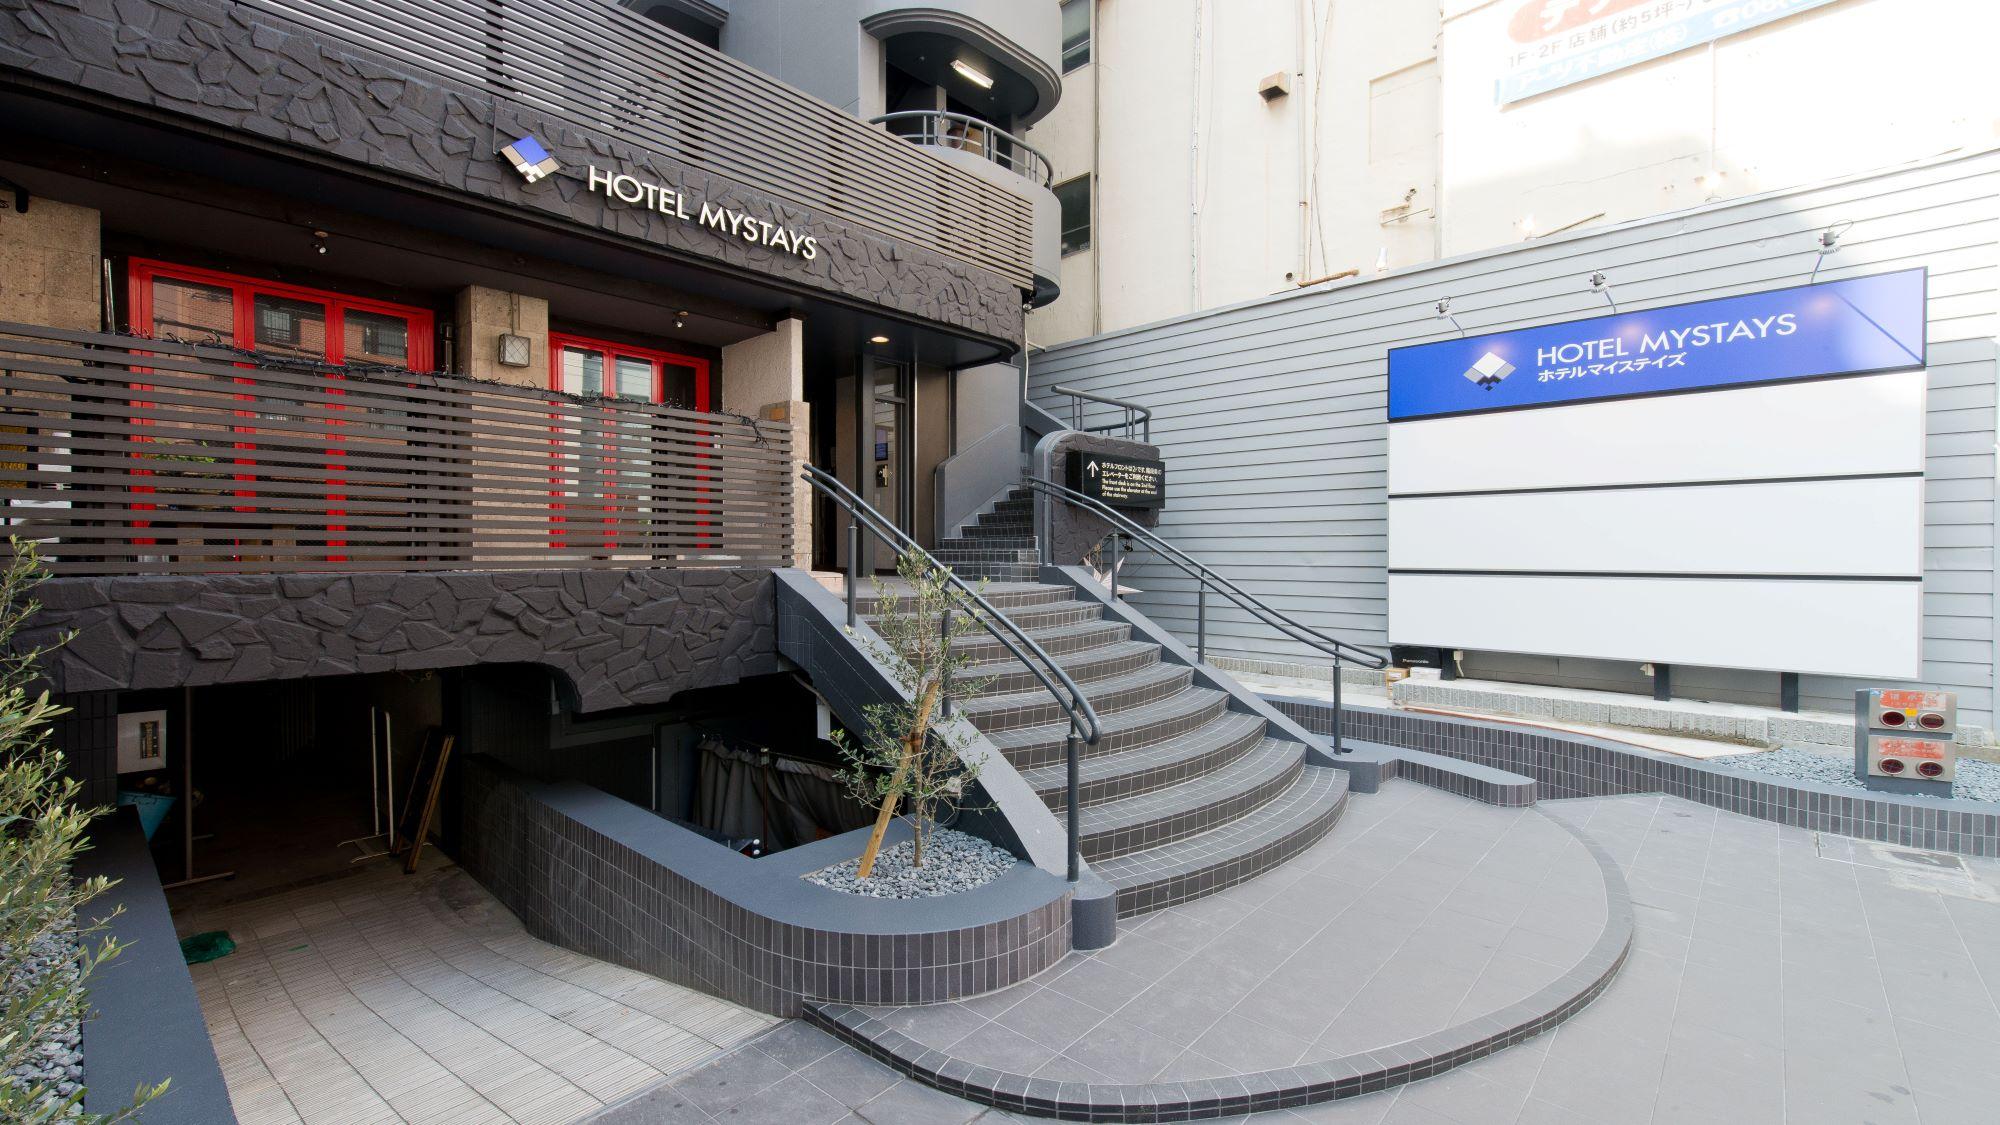 ホテル マイステイズ 心斎橋◆楽天トラベル